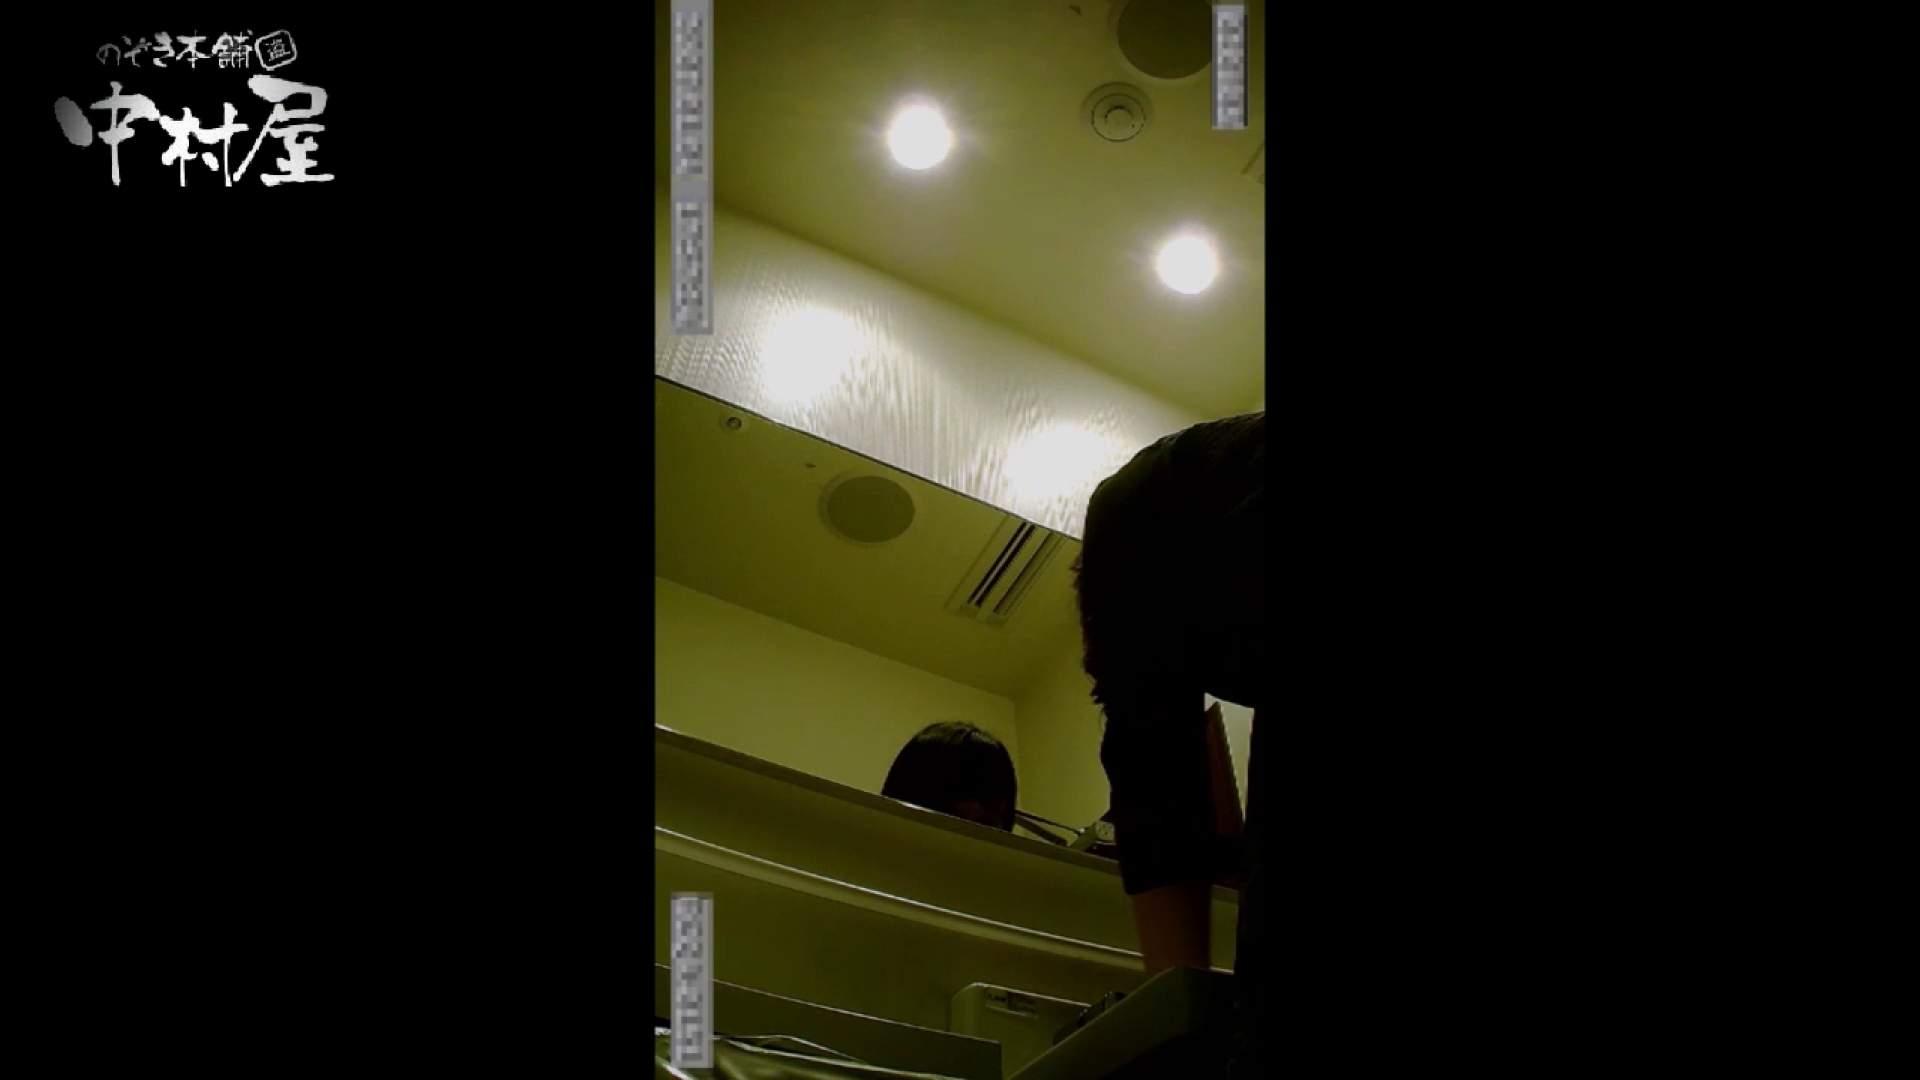 高画質トイレ盗撮vol.13 女子トイレ潜入 | 盗撮師作品  94pic 16